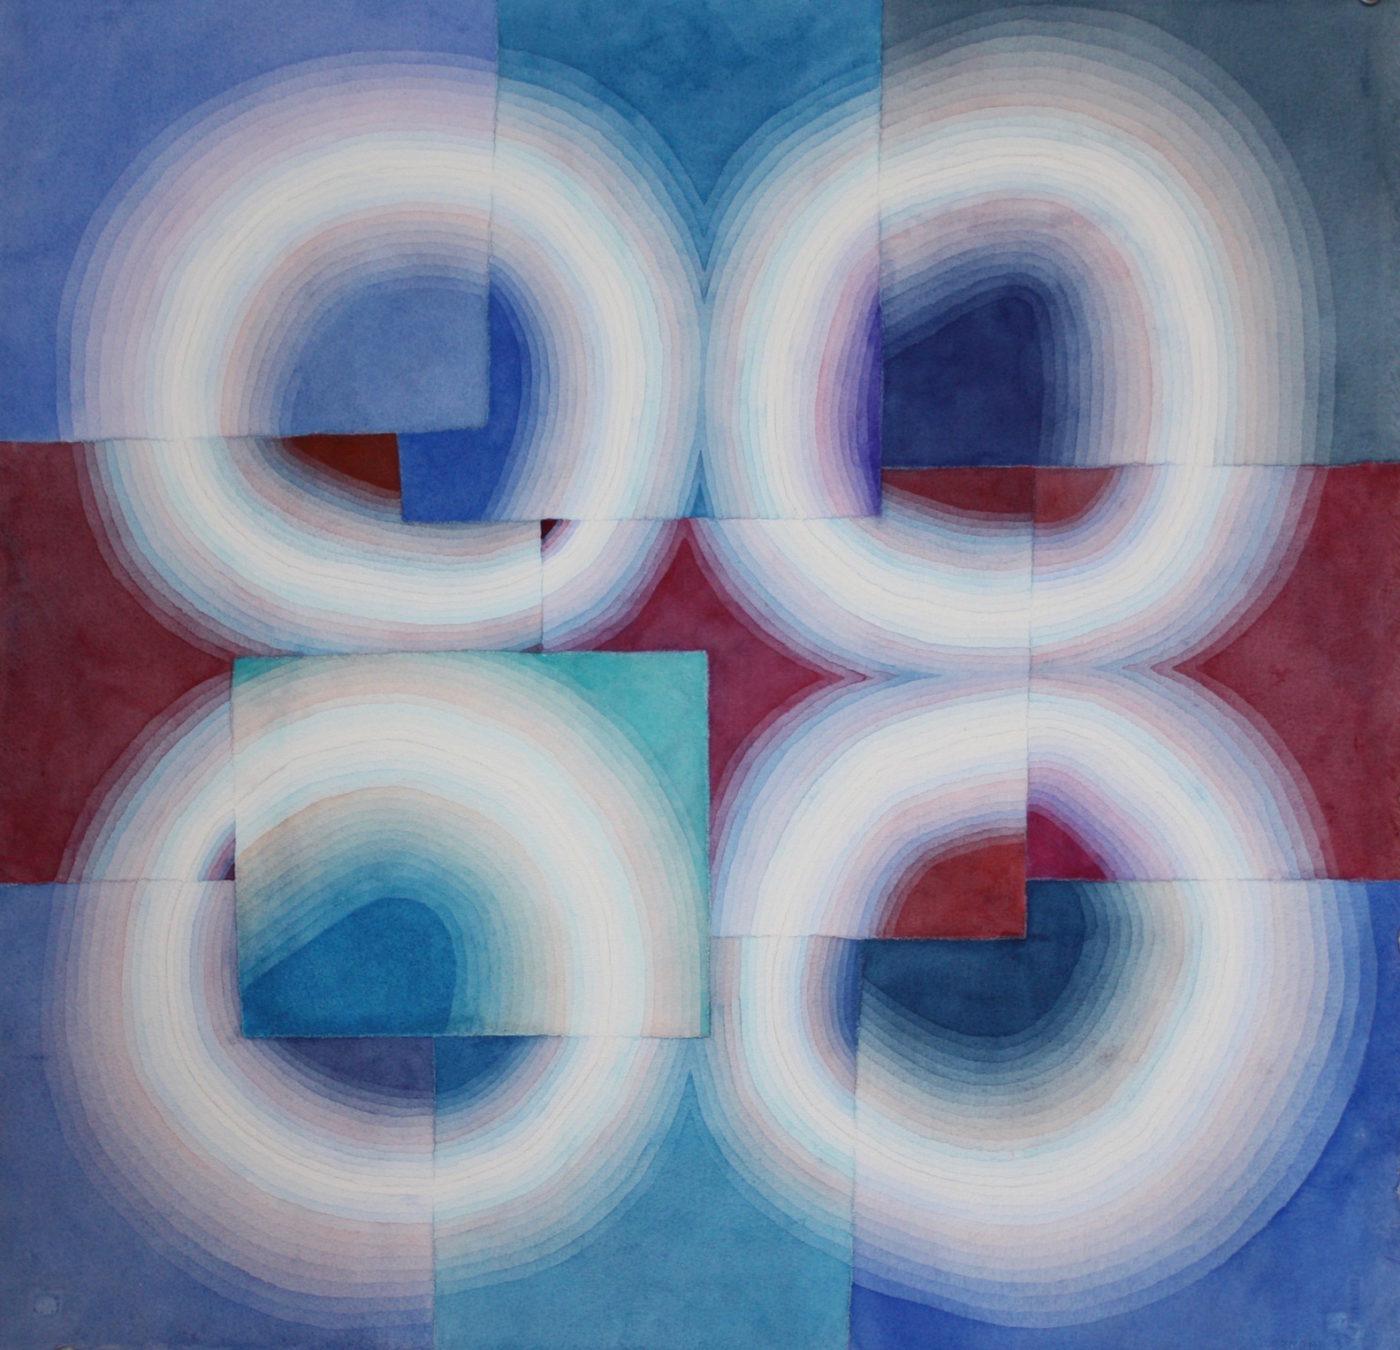 Light Rings Blue